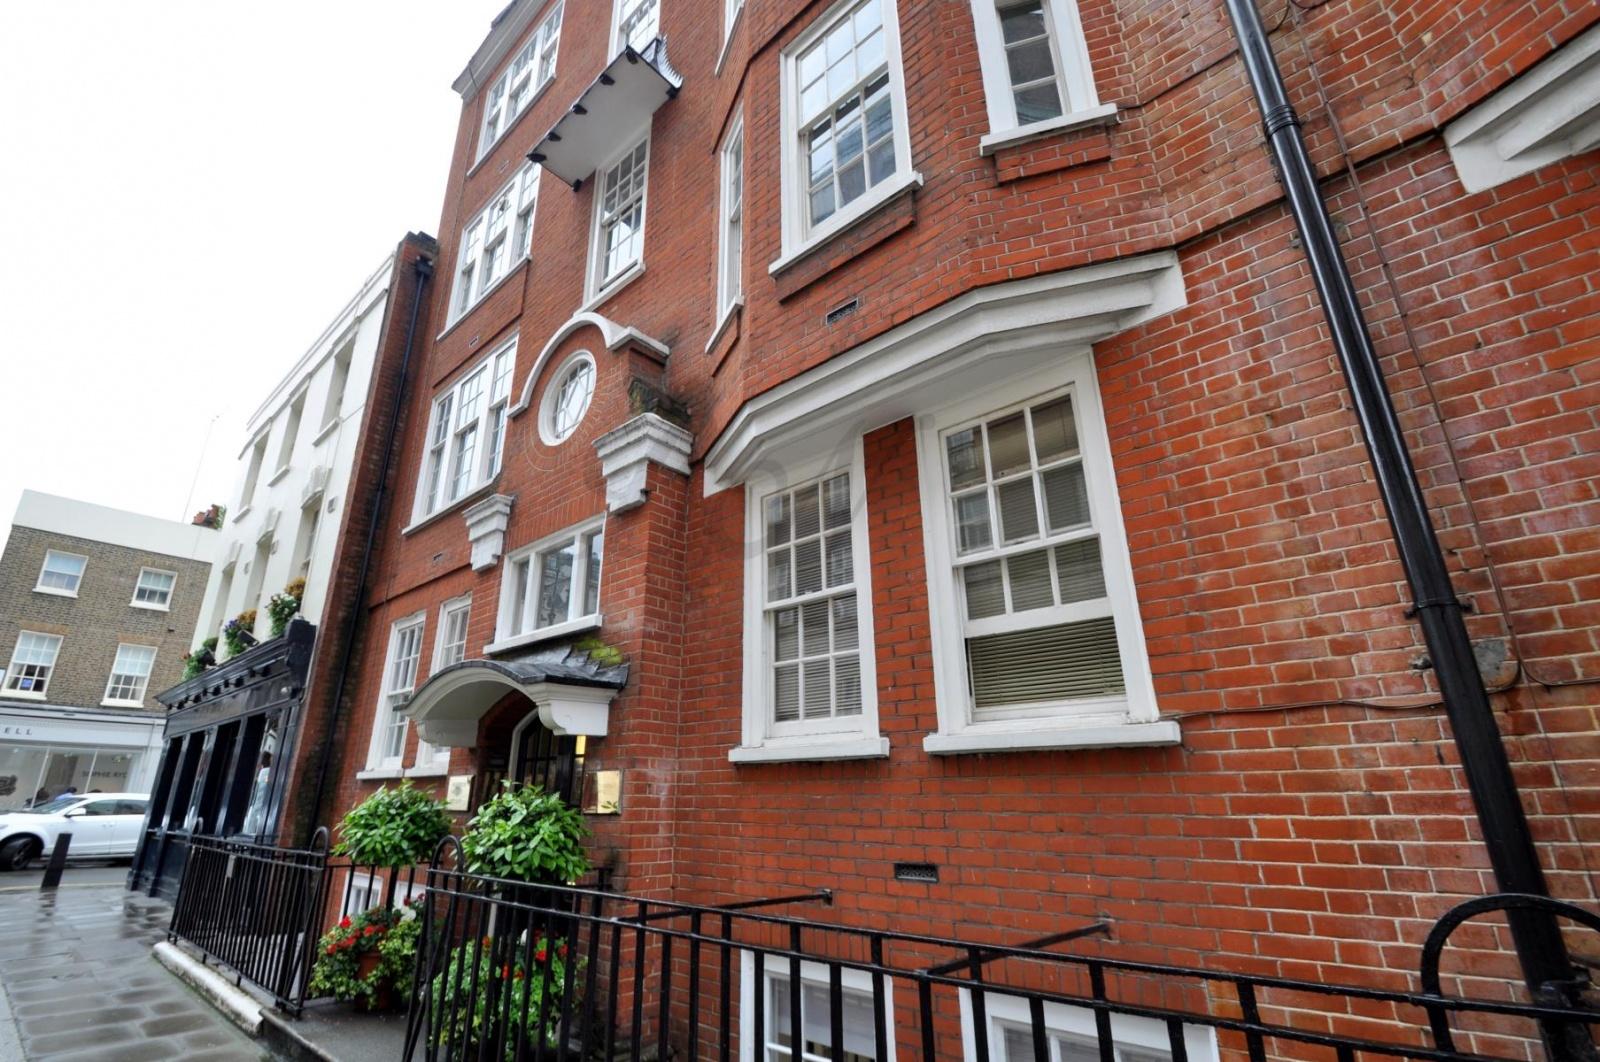 Carrington Street, Mayfair, W1